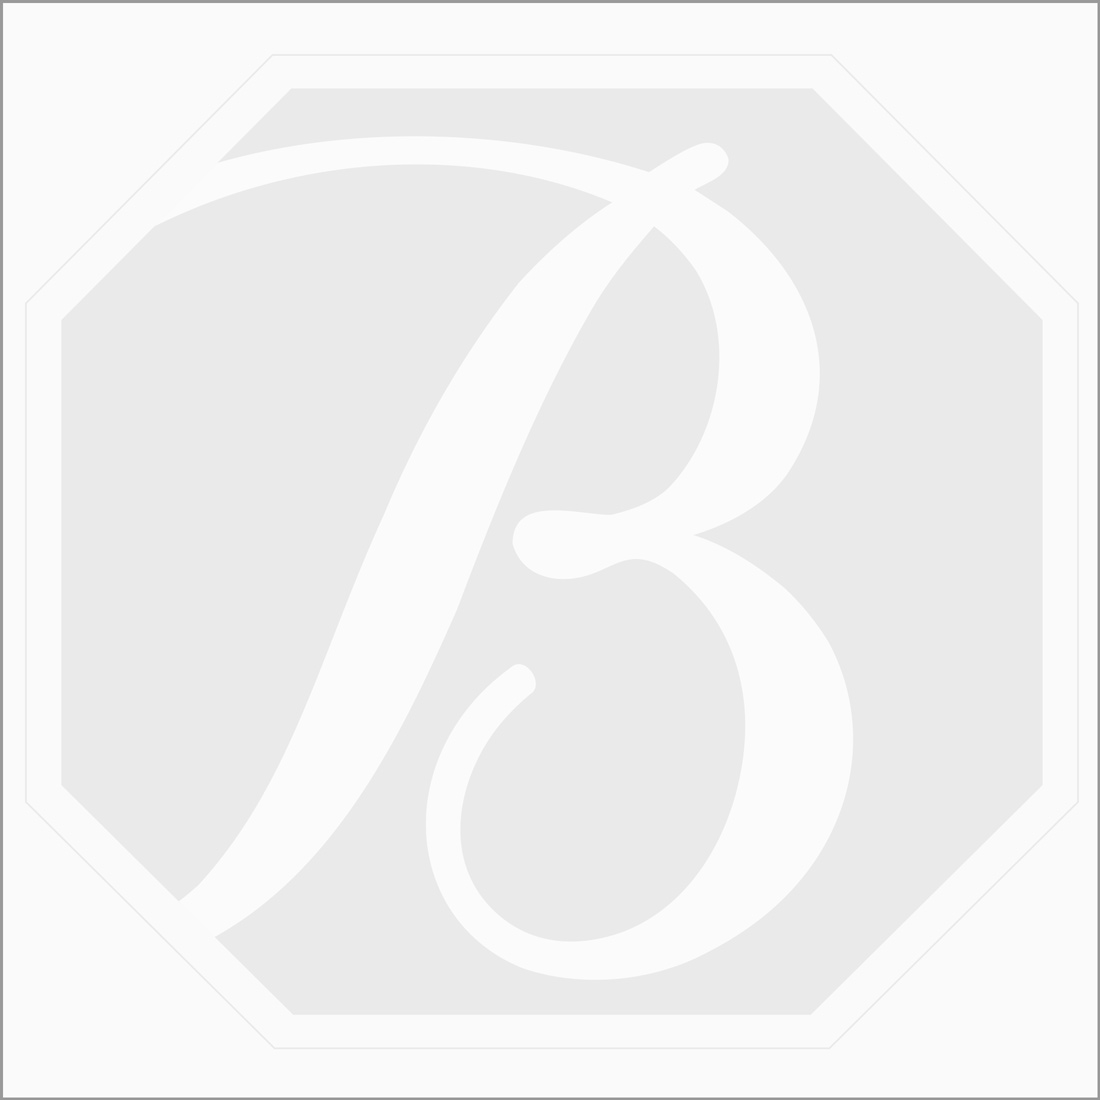 1 Pc - Dark Blue Tourmaline Rose Cut - 9.1 ct. - 20 x 14 x 4.3 mm (TRC1061)